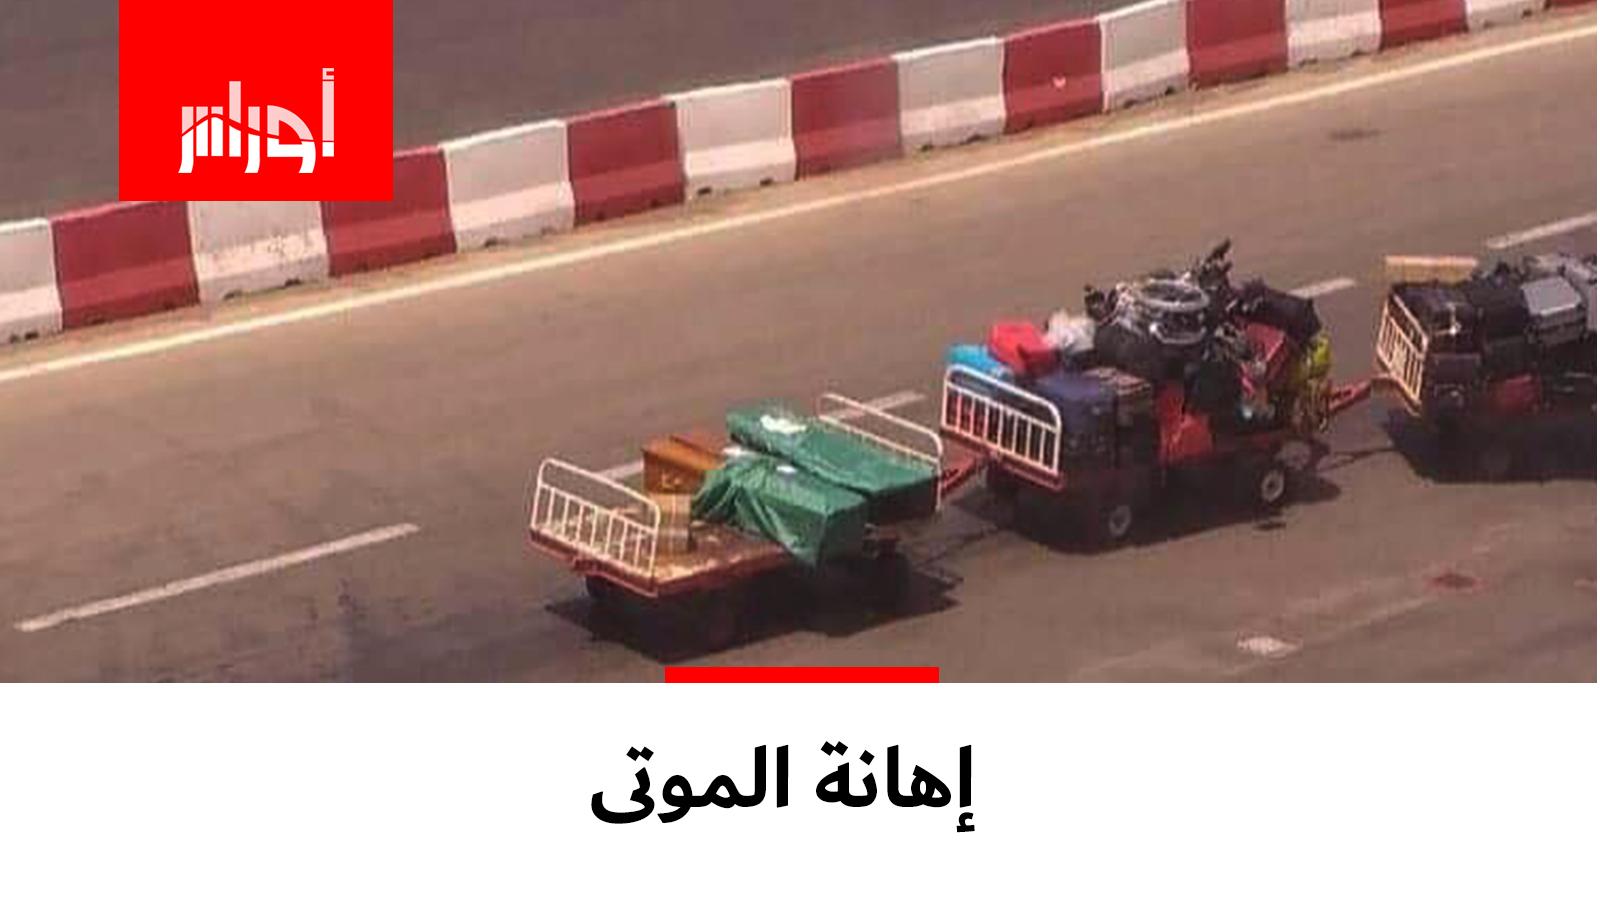 هكذا يتم التعامل مع جثامين الجالية الجزائرية بمطار وهران..